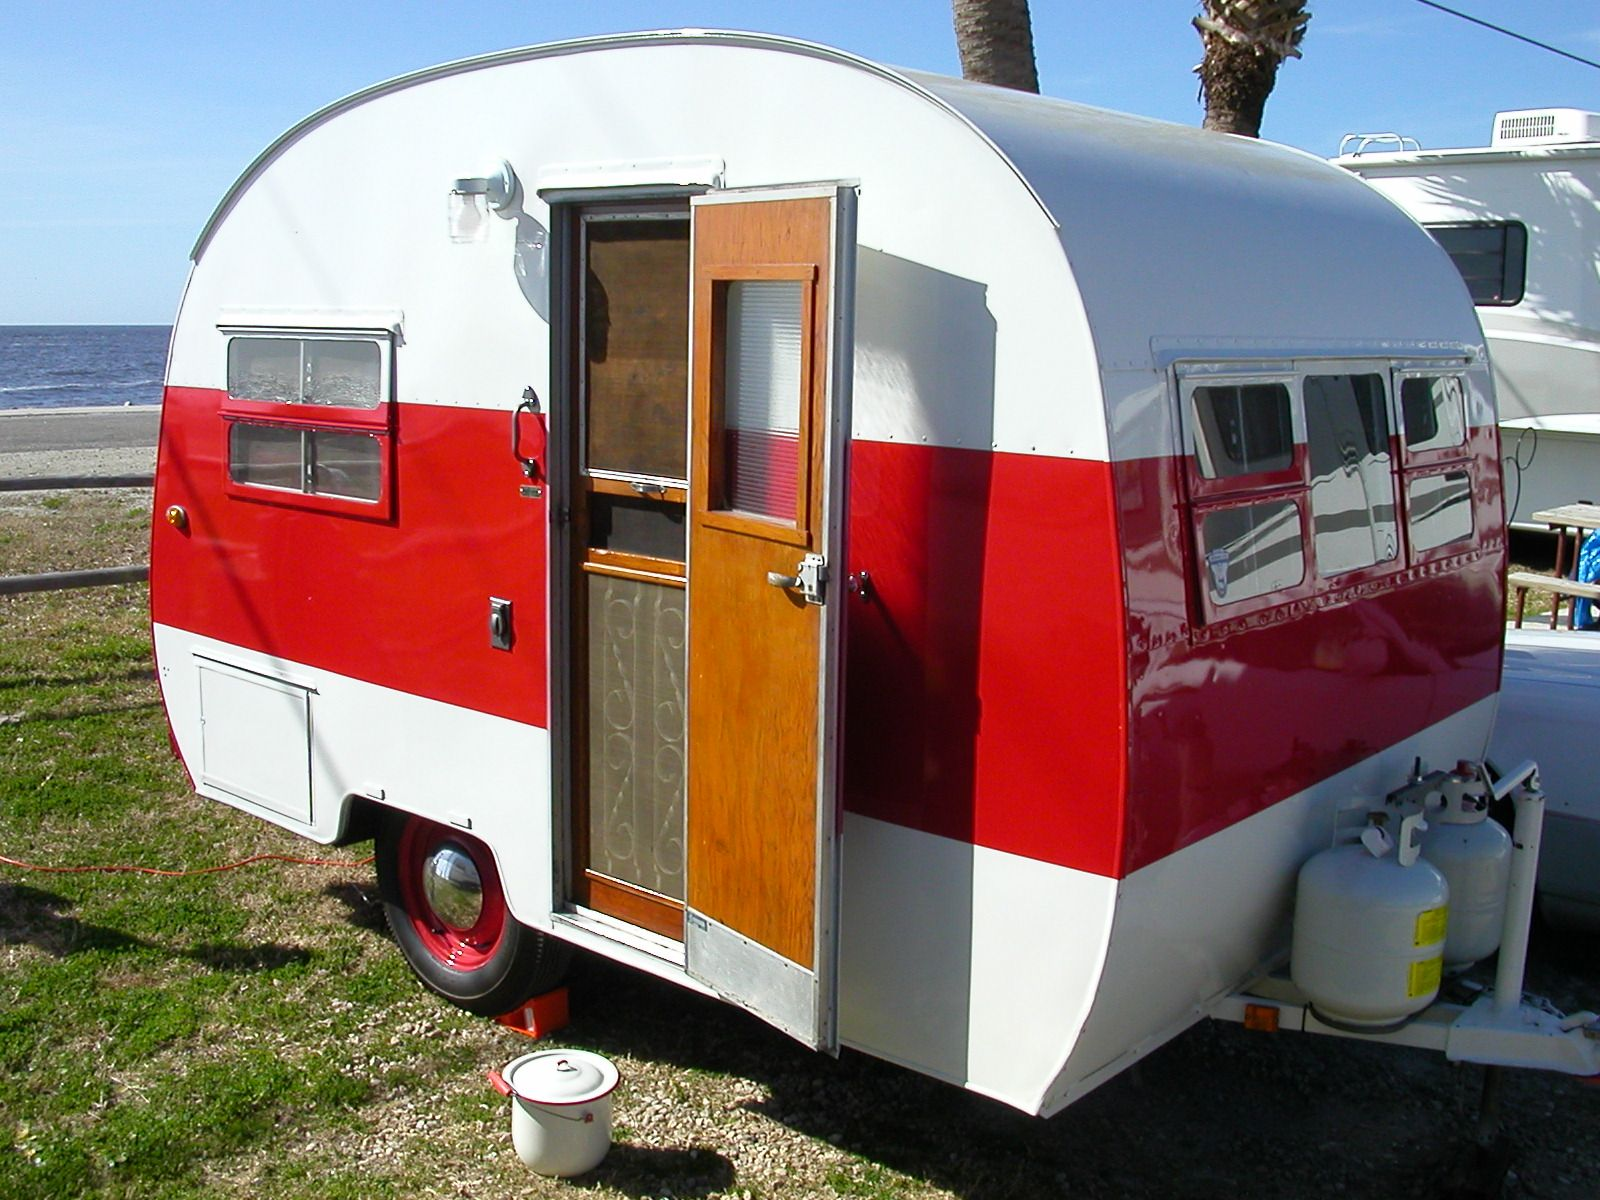 21 Amazing Vintage Trailers Caravane Vintage Caravane Vehicule Recreatif